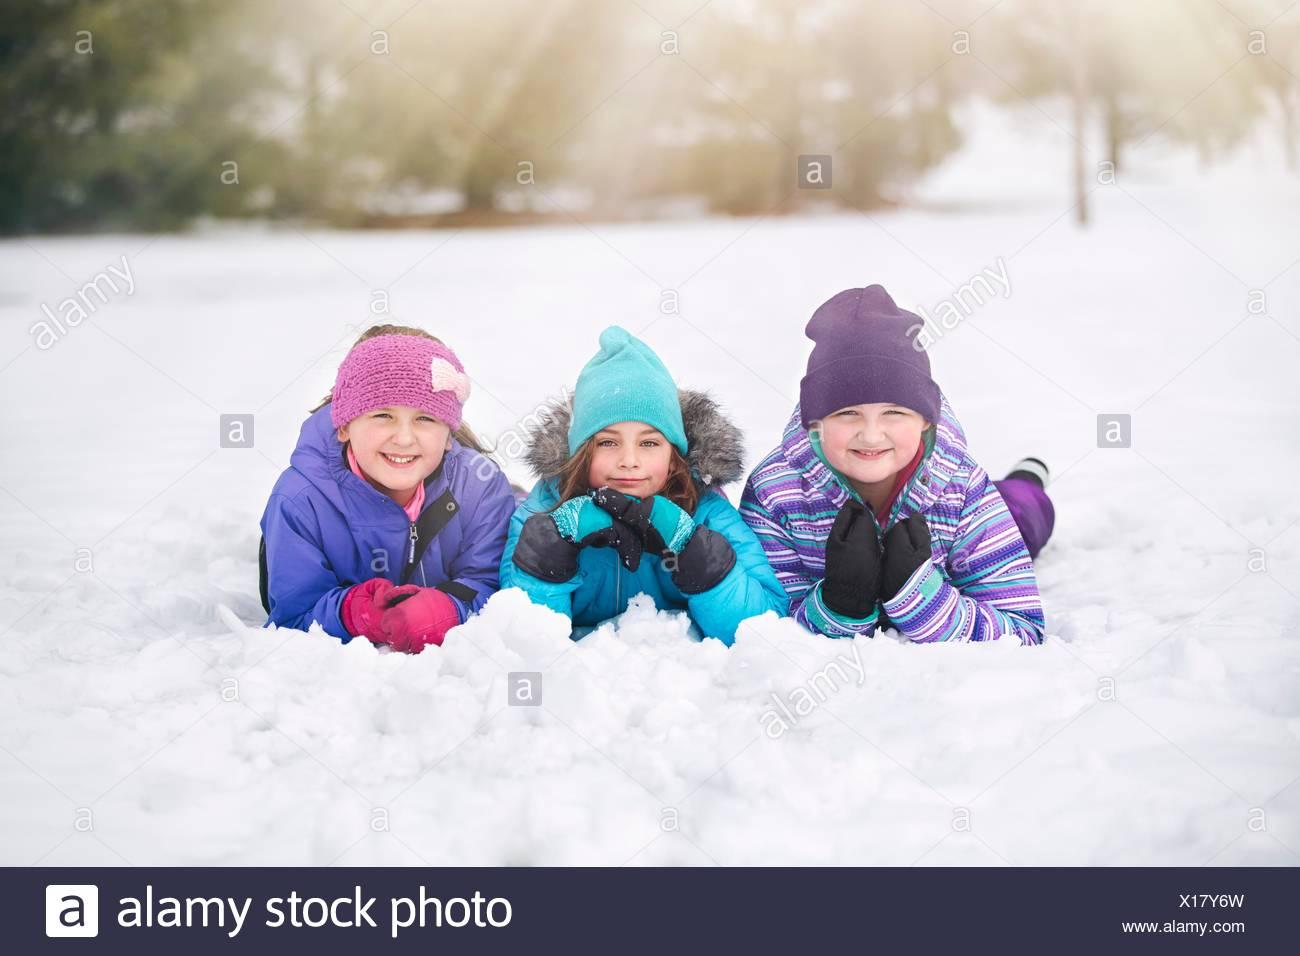 Amigos vistiendo tejer sombreros tumbado en la parte delantera de lado a lado en la nieve mirando a la cámara sonriendo Imagen De Stock